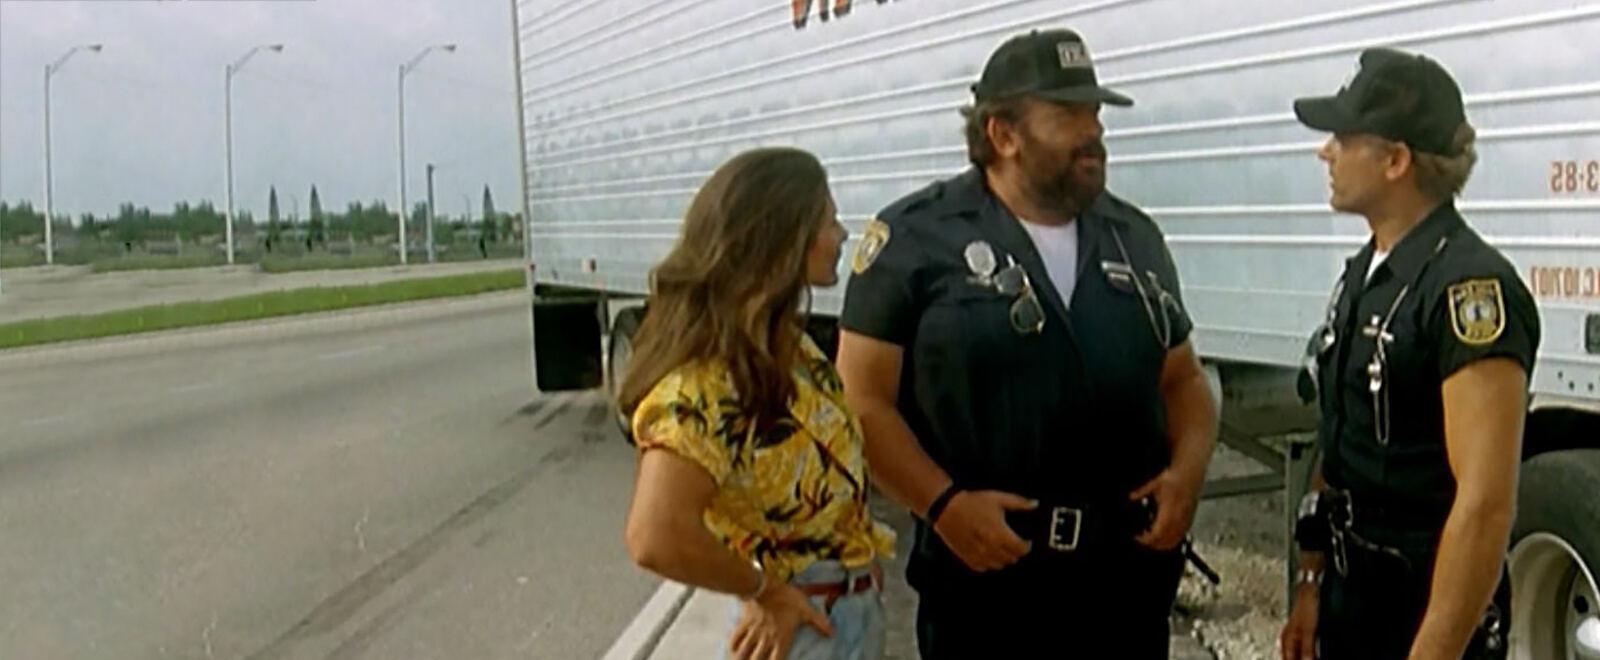 Miami Supercops (I poliziotti dell'8a strada)